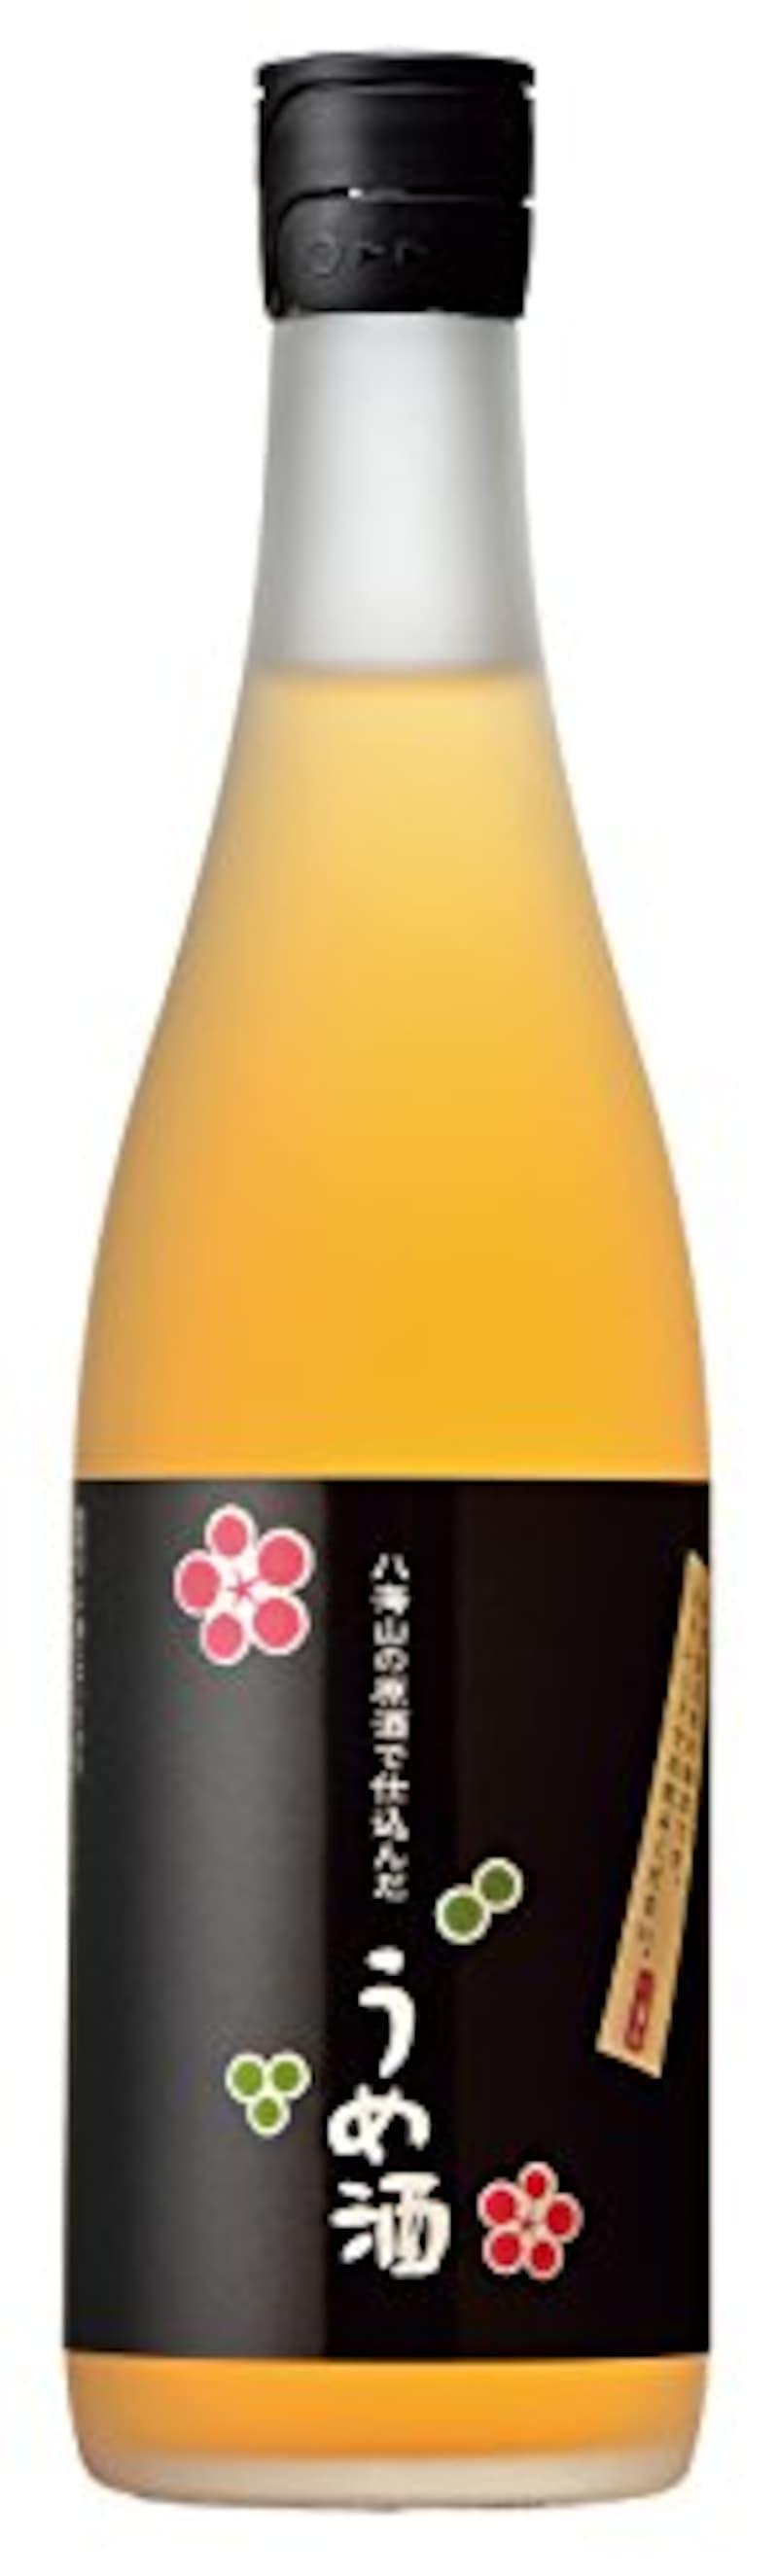 八海醸造,八海山の原酒で仕込んだうめ酒